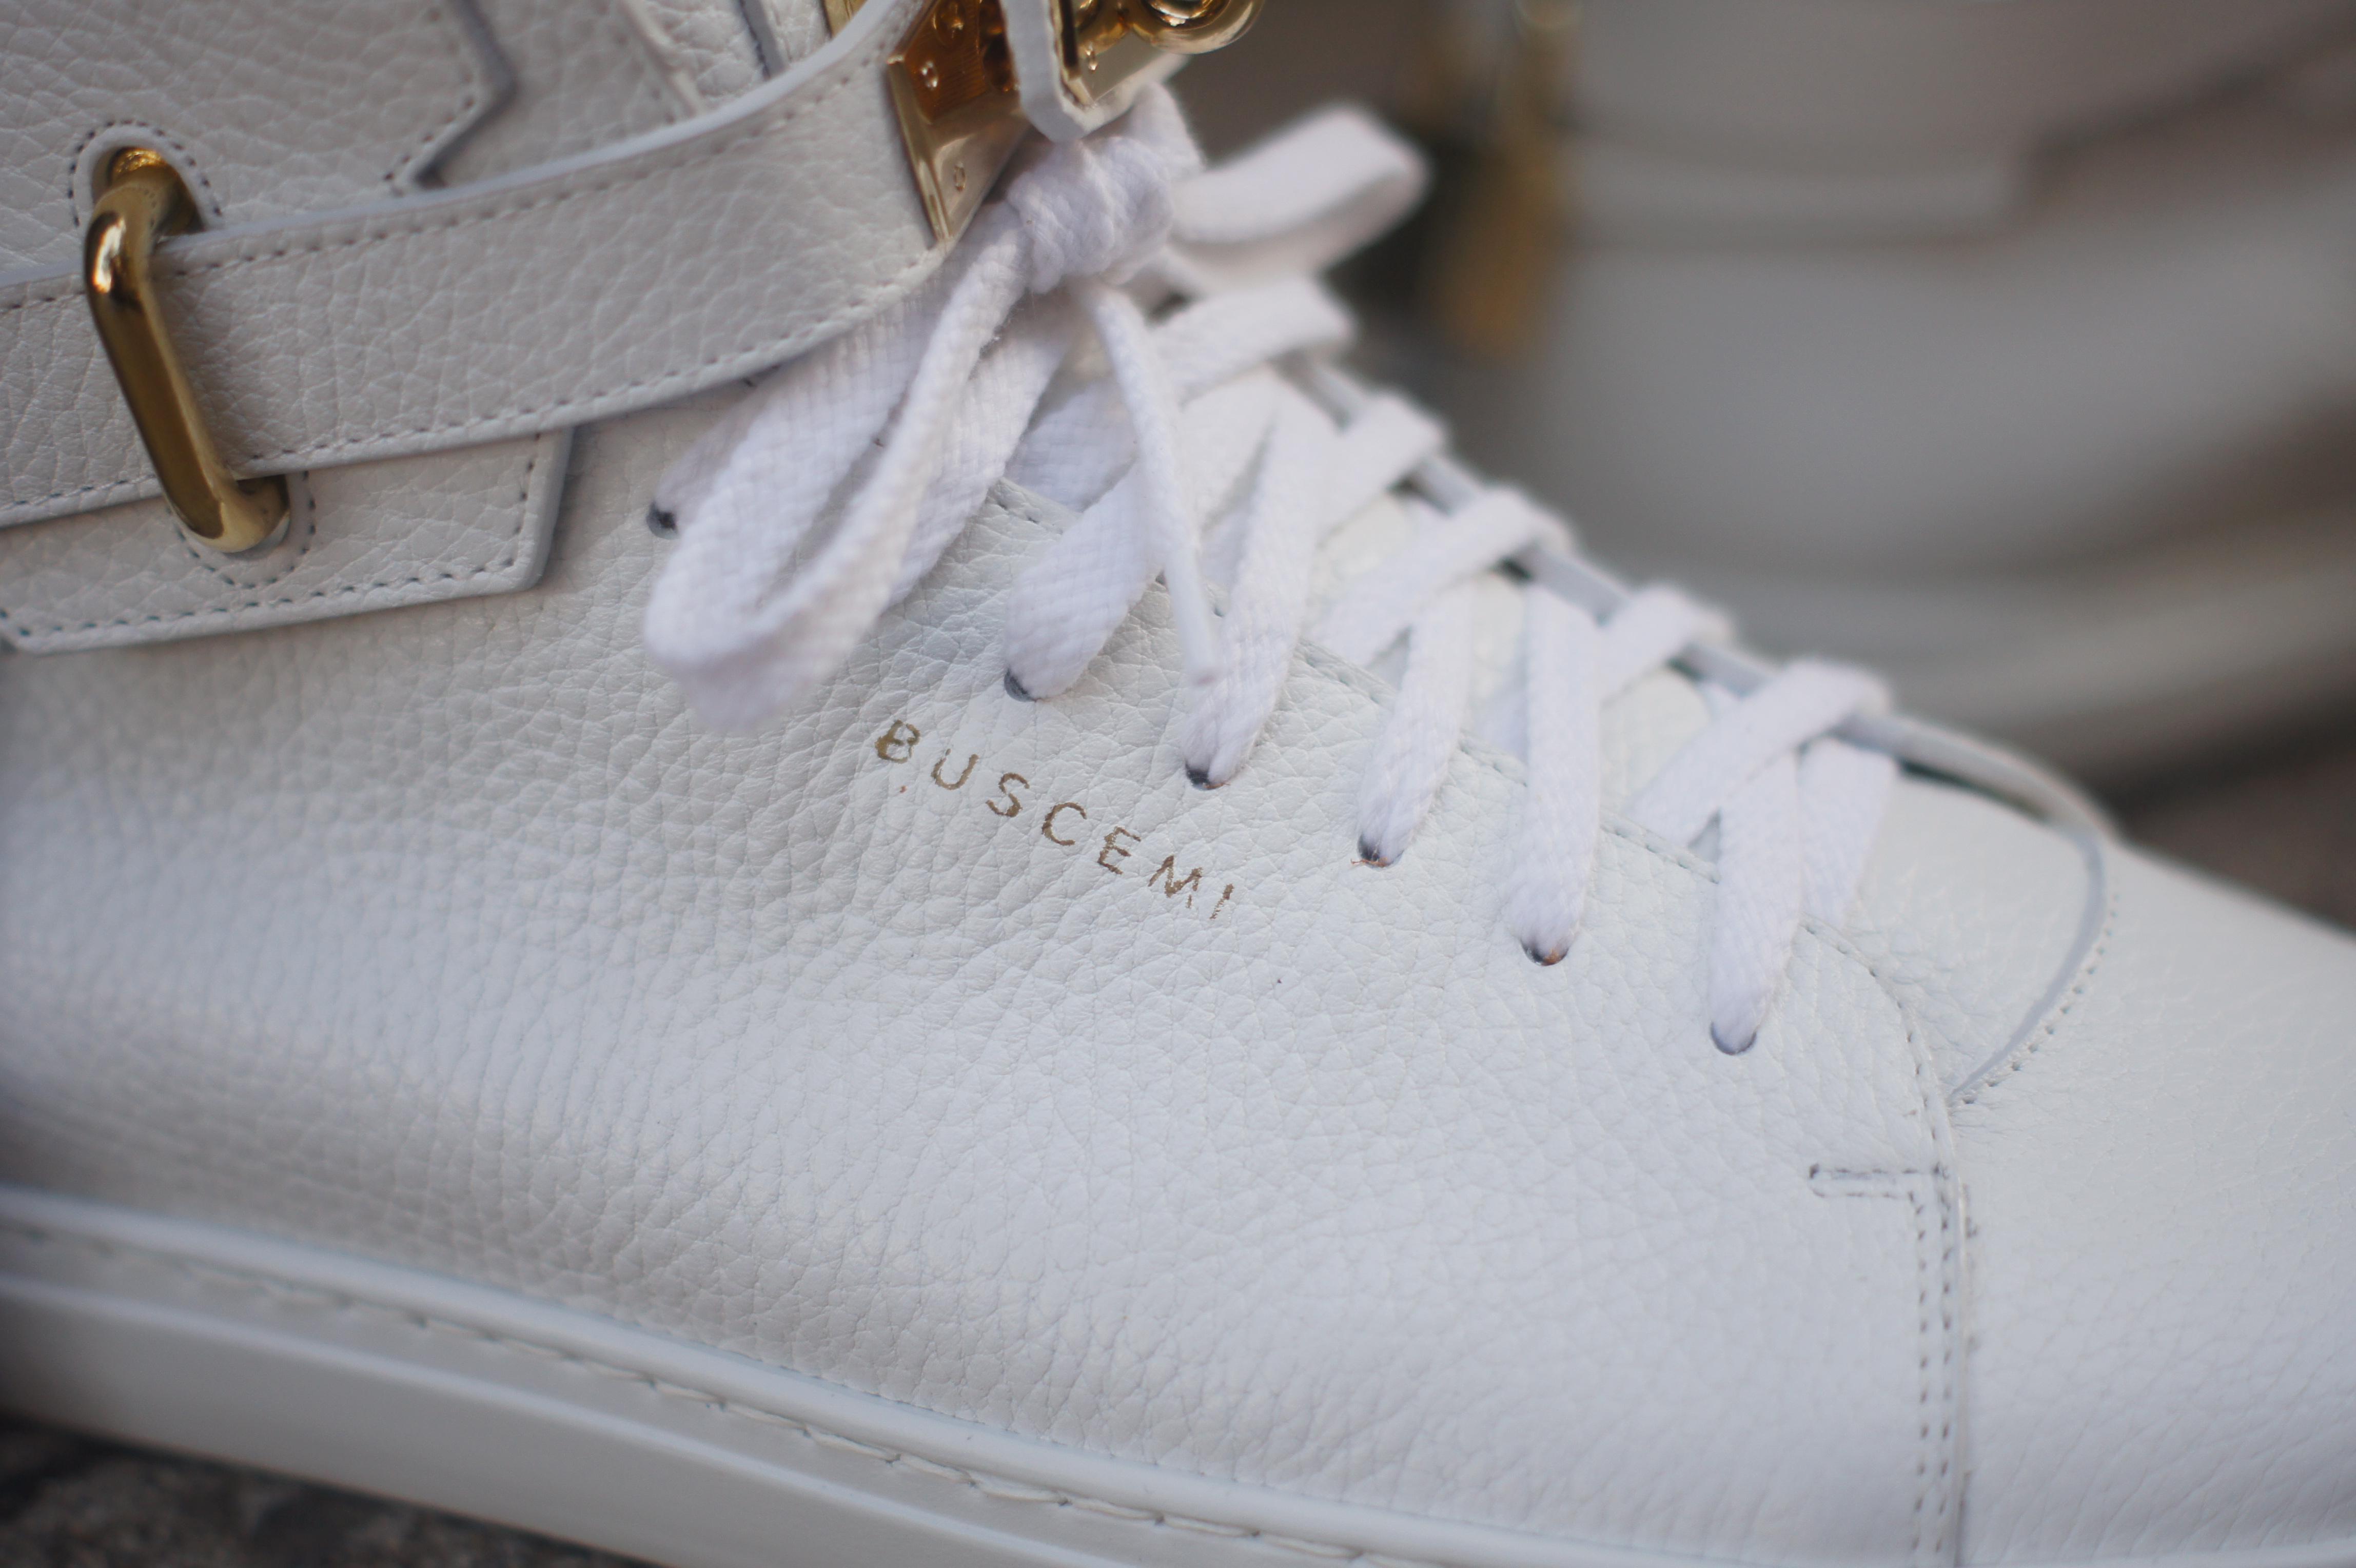 deb56355b8cf Buscemi – Fashion Overture